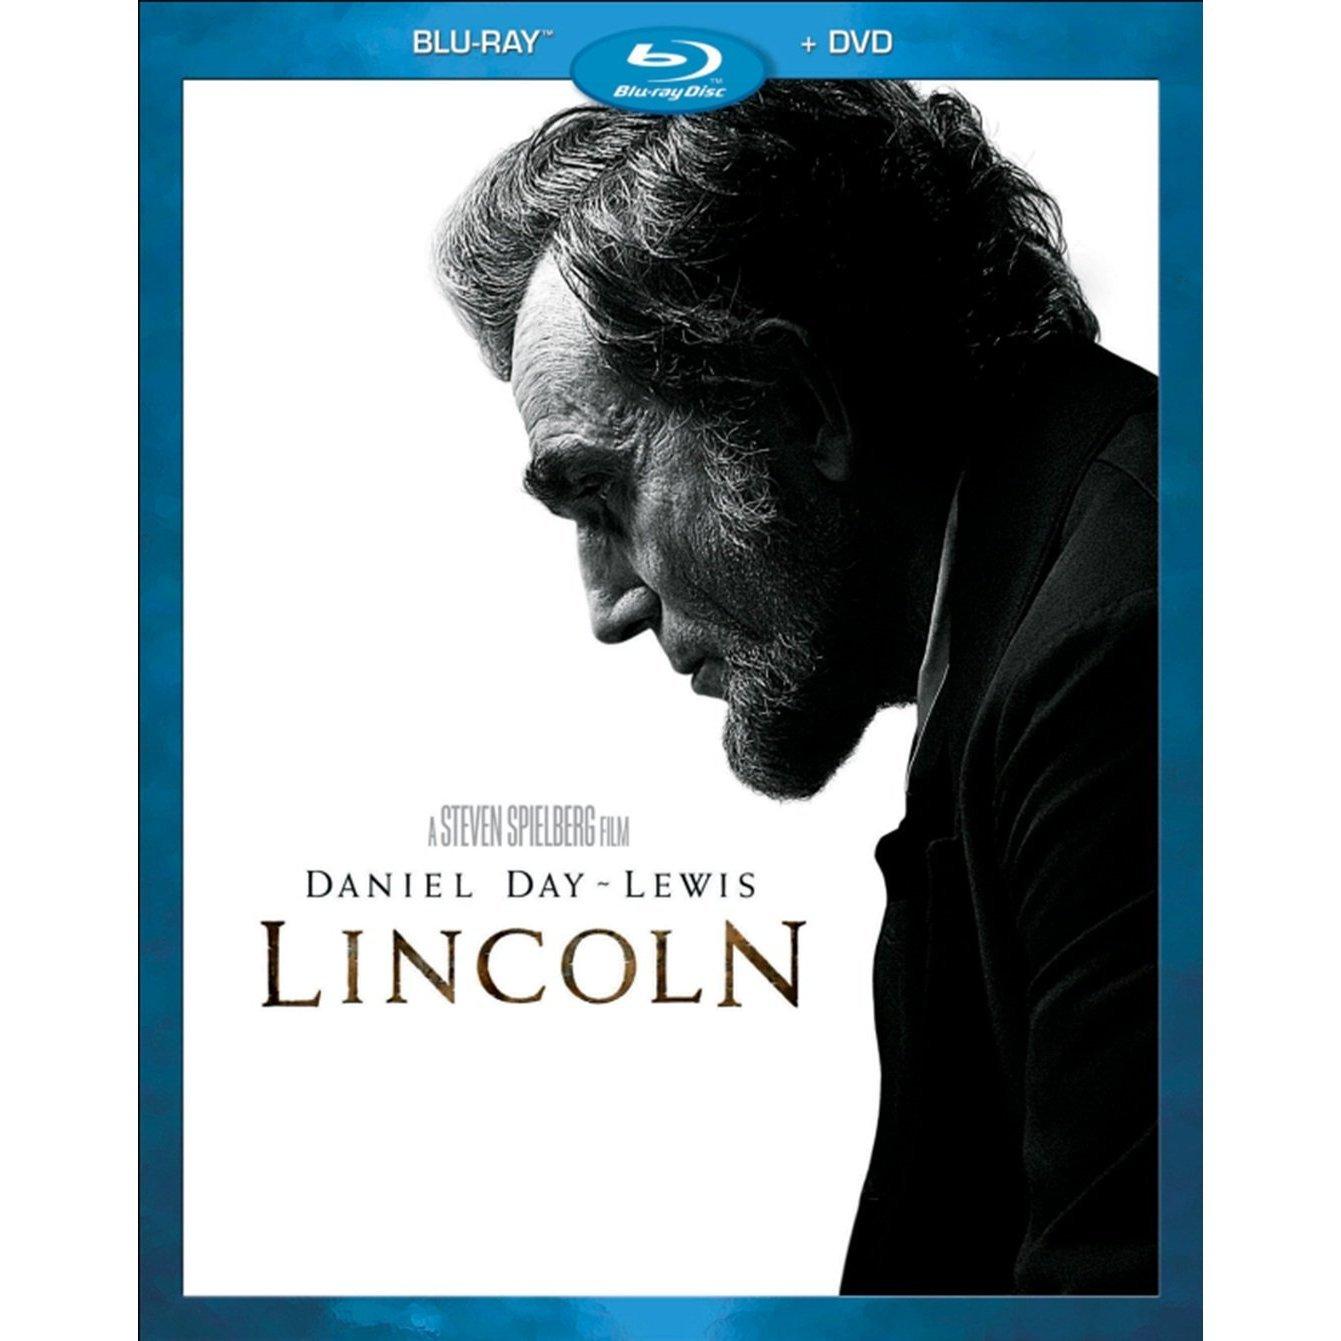 Lincoln - Blu-ray + DVD 36D-G30-DISBR111253